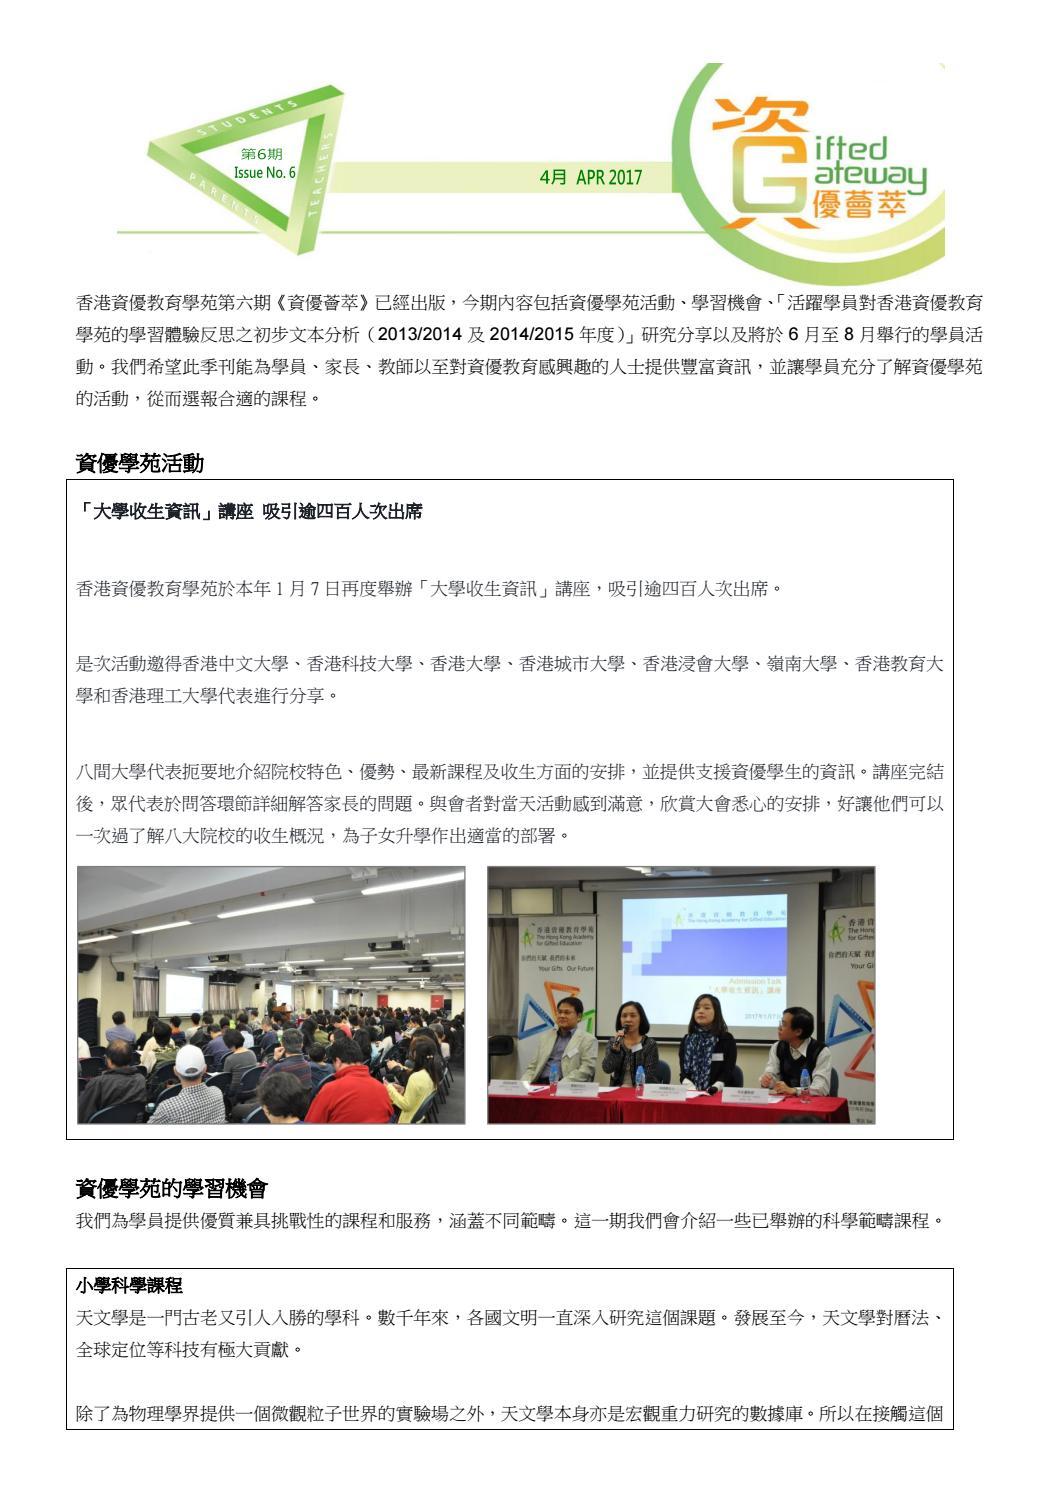 資優薈萃 第六期 by The Hong Kong Academy for Gifted Education - Issuu